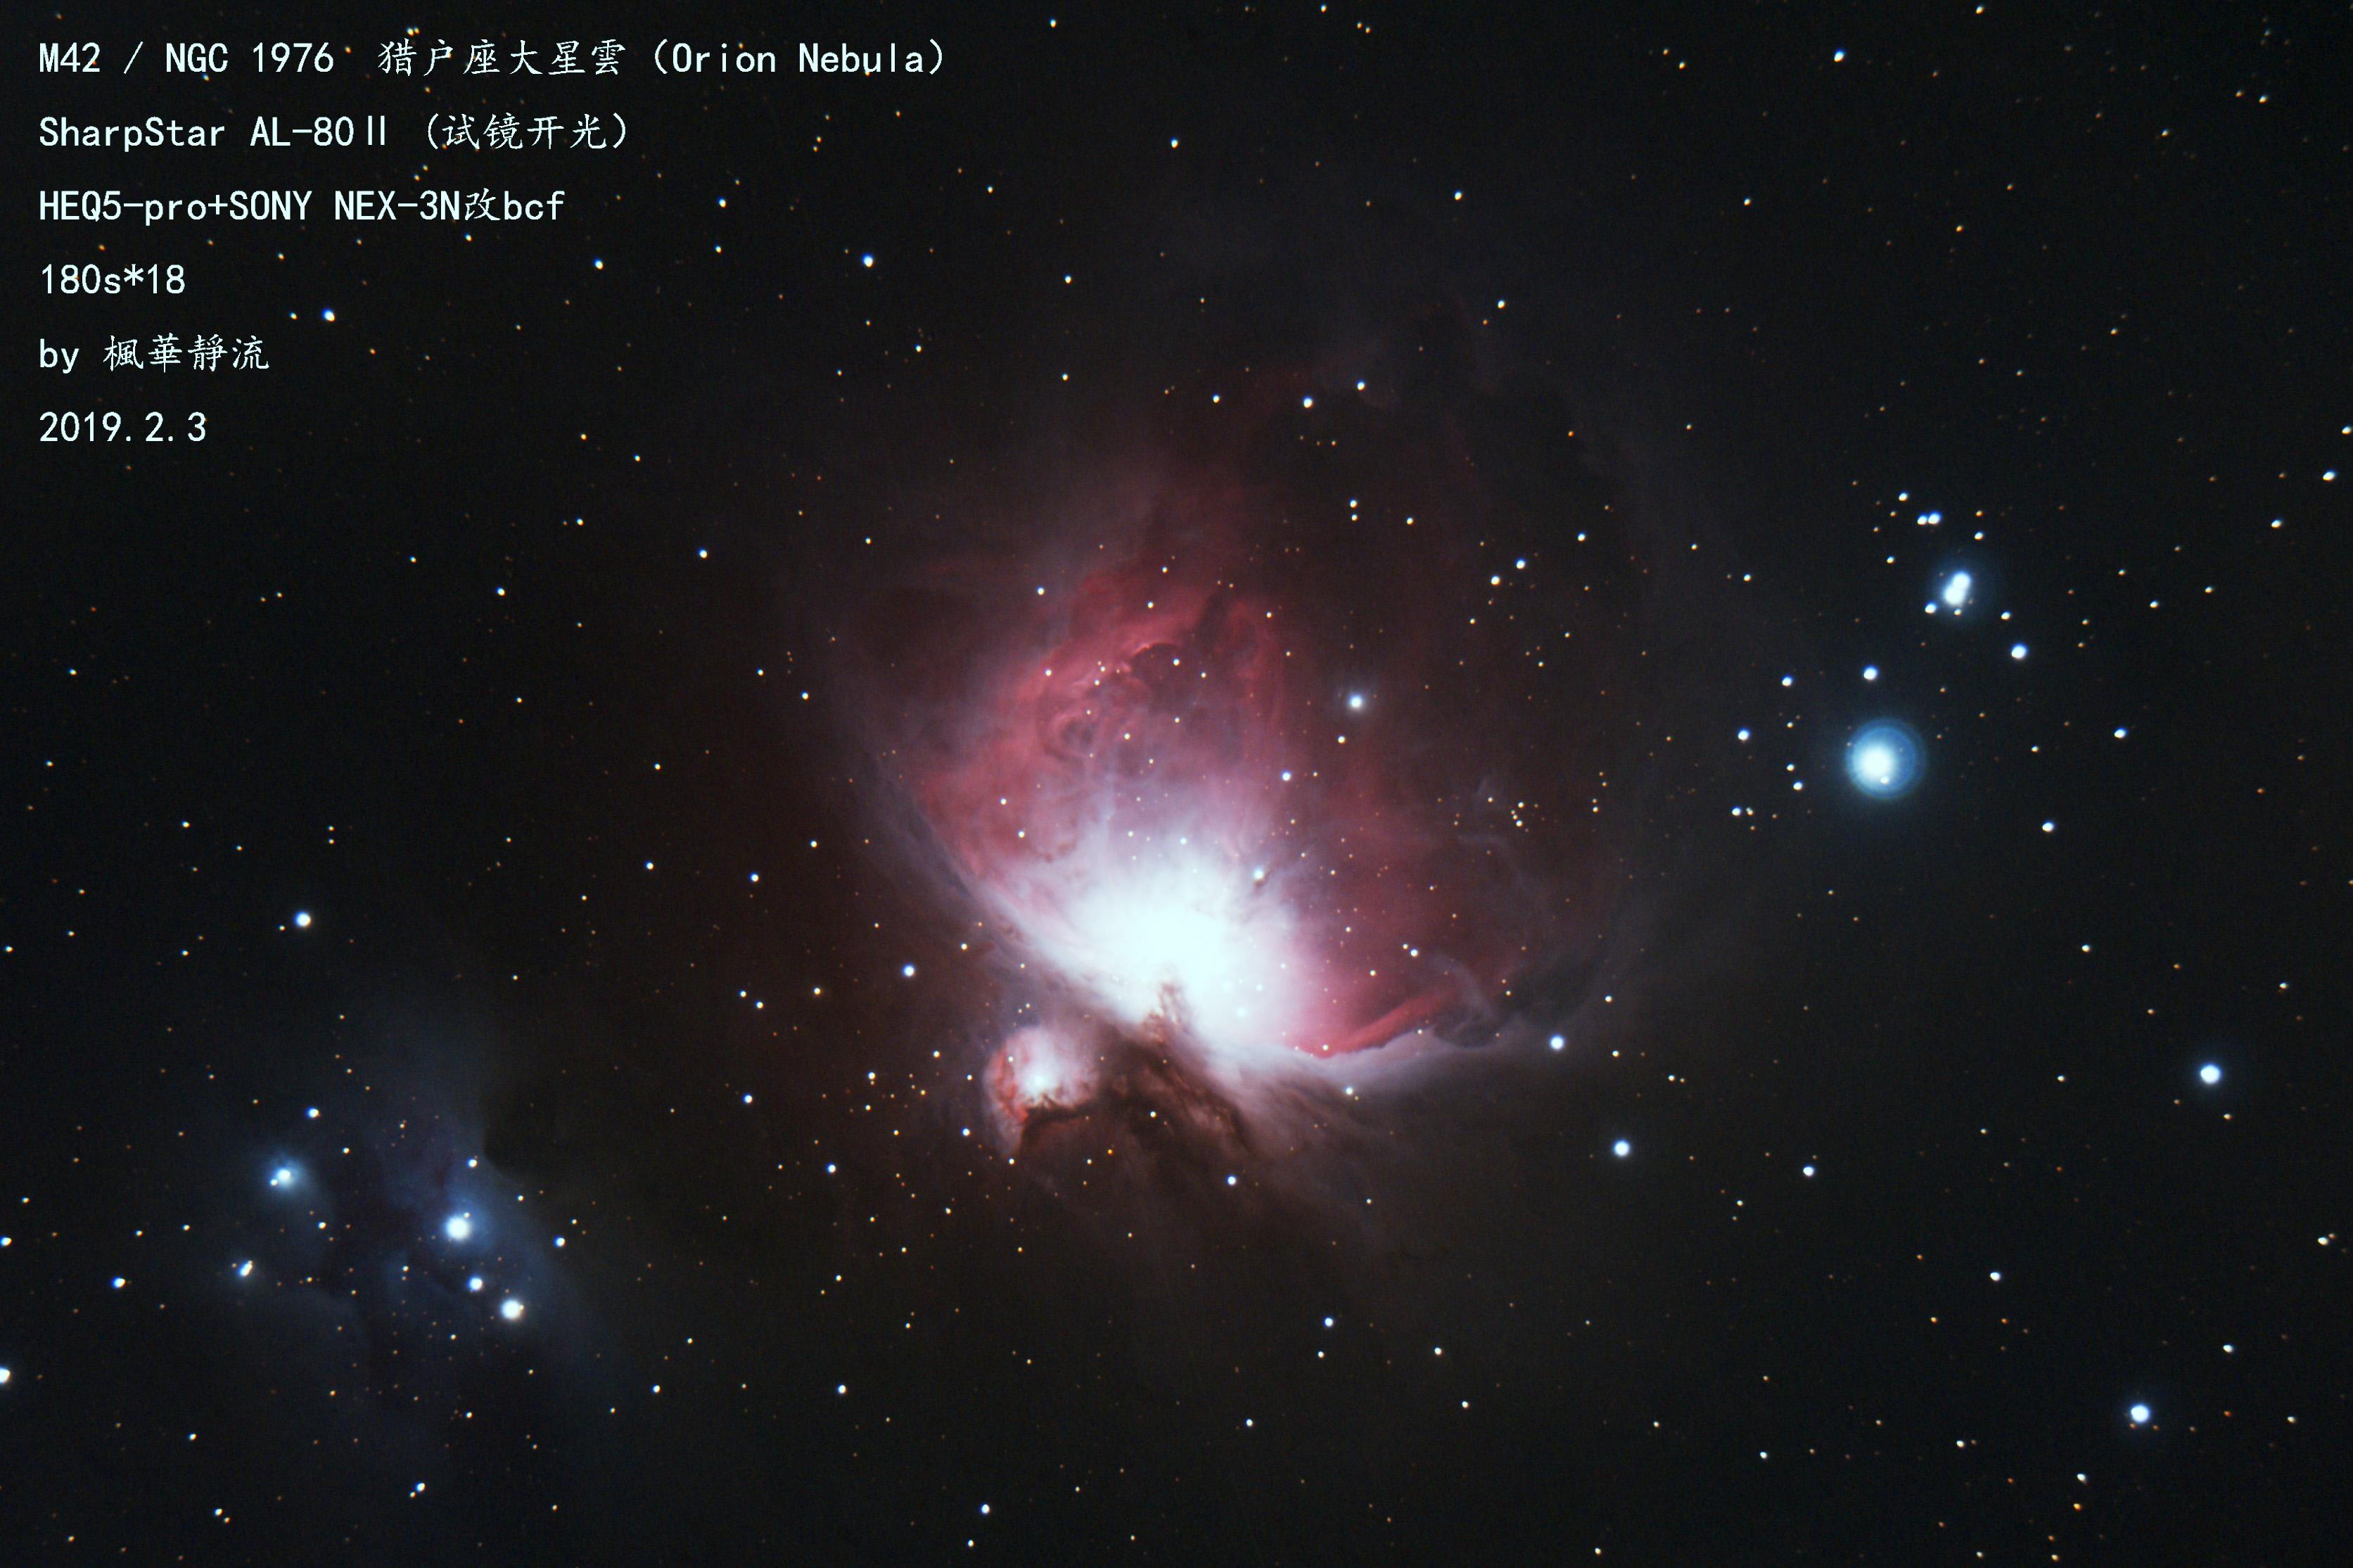 190203 M42猎户大星云 AL-80Ⅱ试镜.jpg